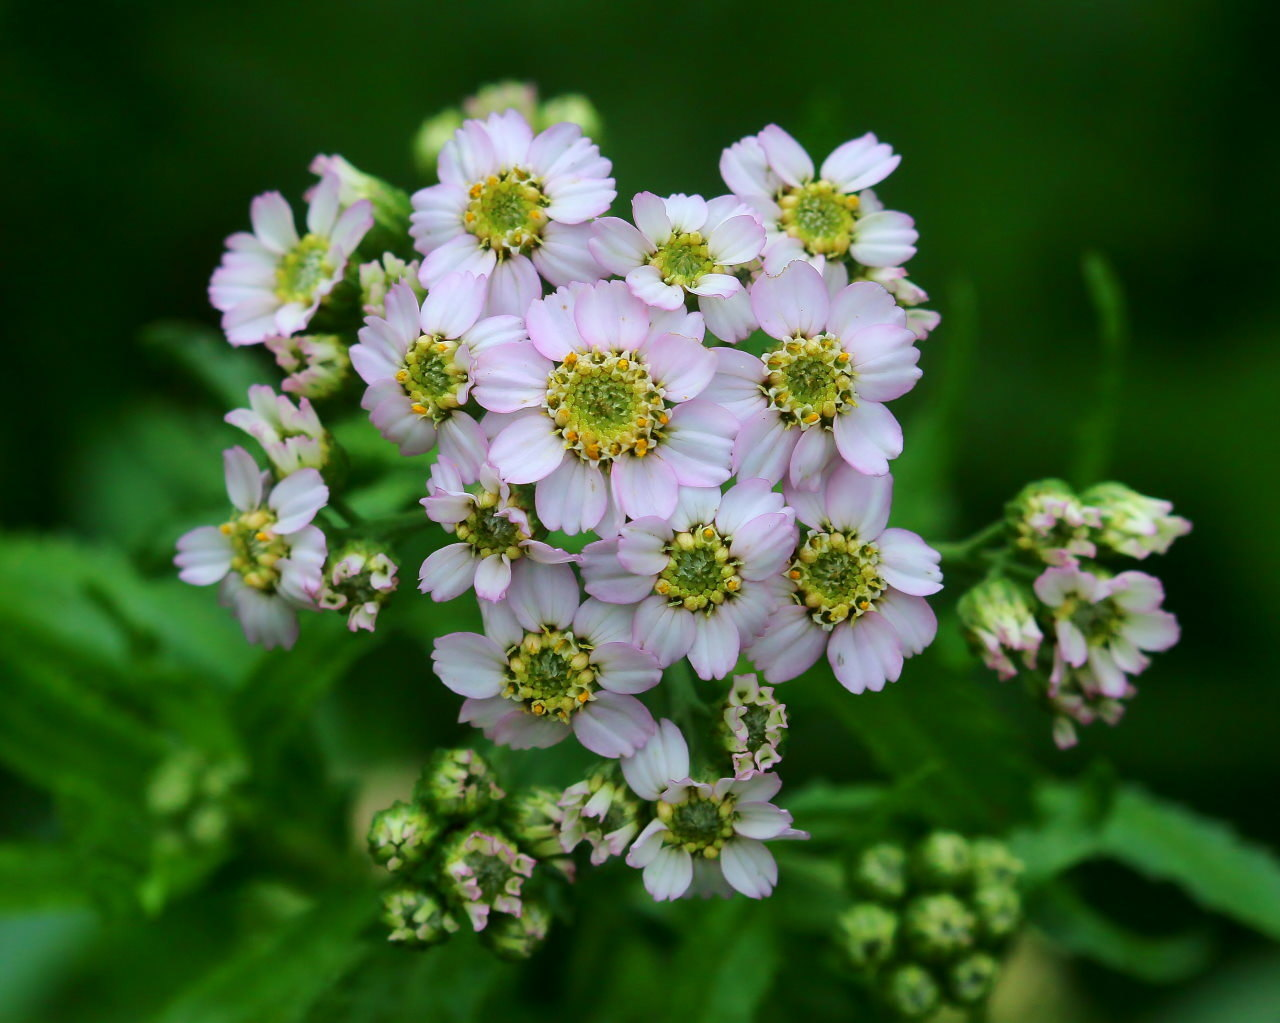 梅雨さ中 またまたレイクガーデンで花や虫_c0305565_17522956.jpg